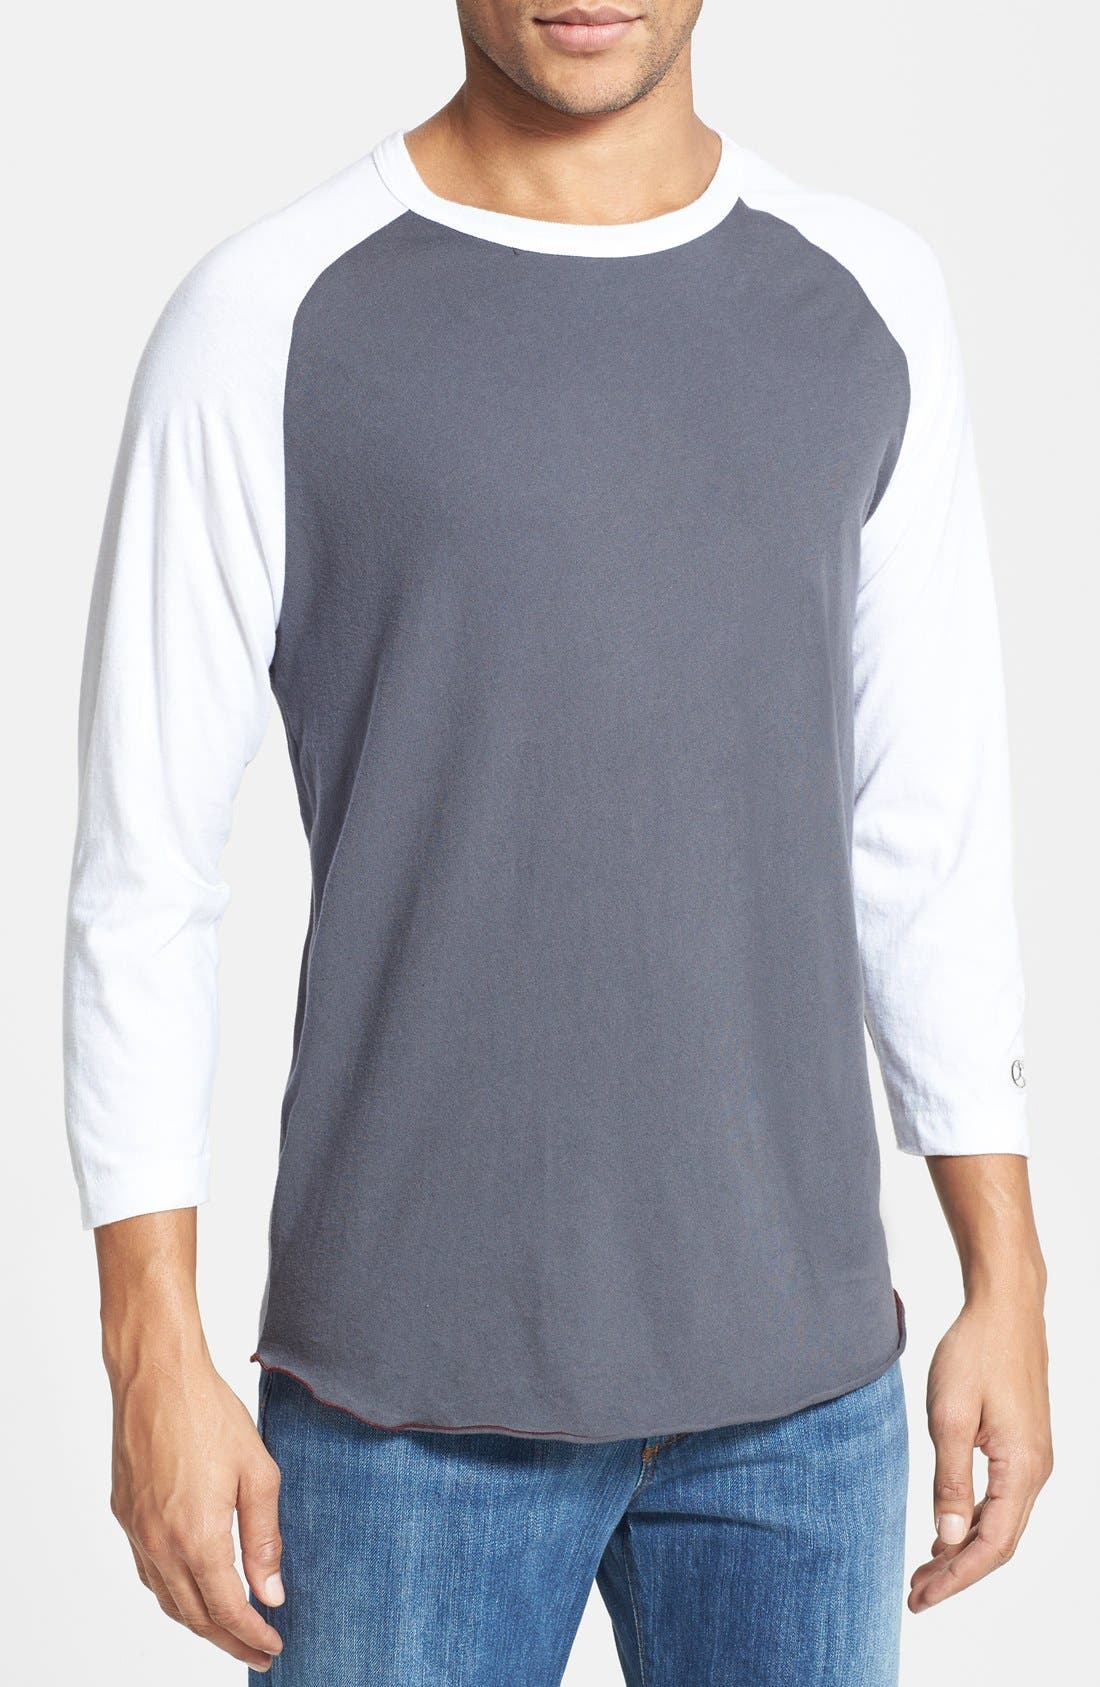 Main Image - Todd Snyder + Champion Baseball T-Shirt